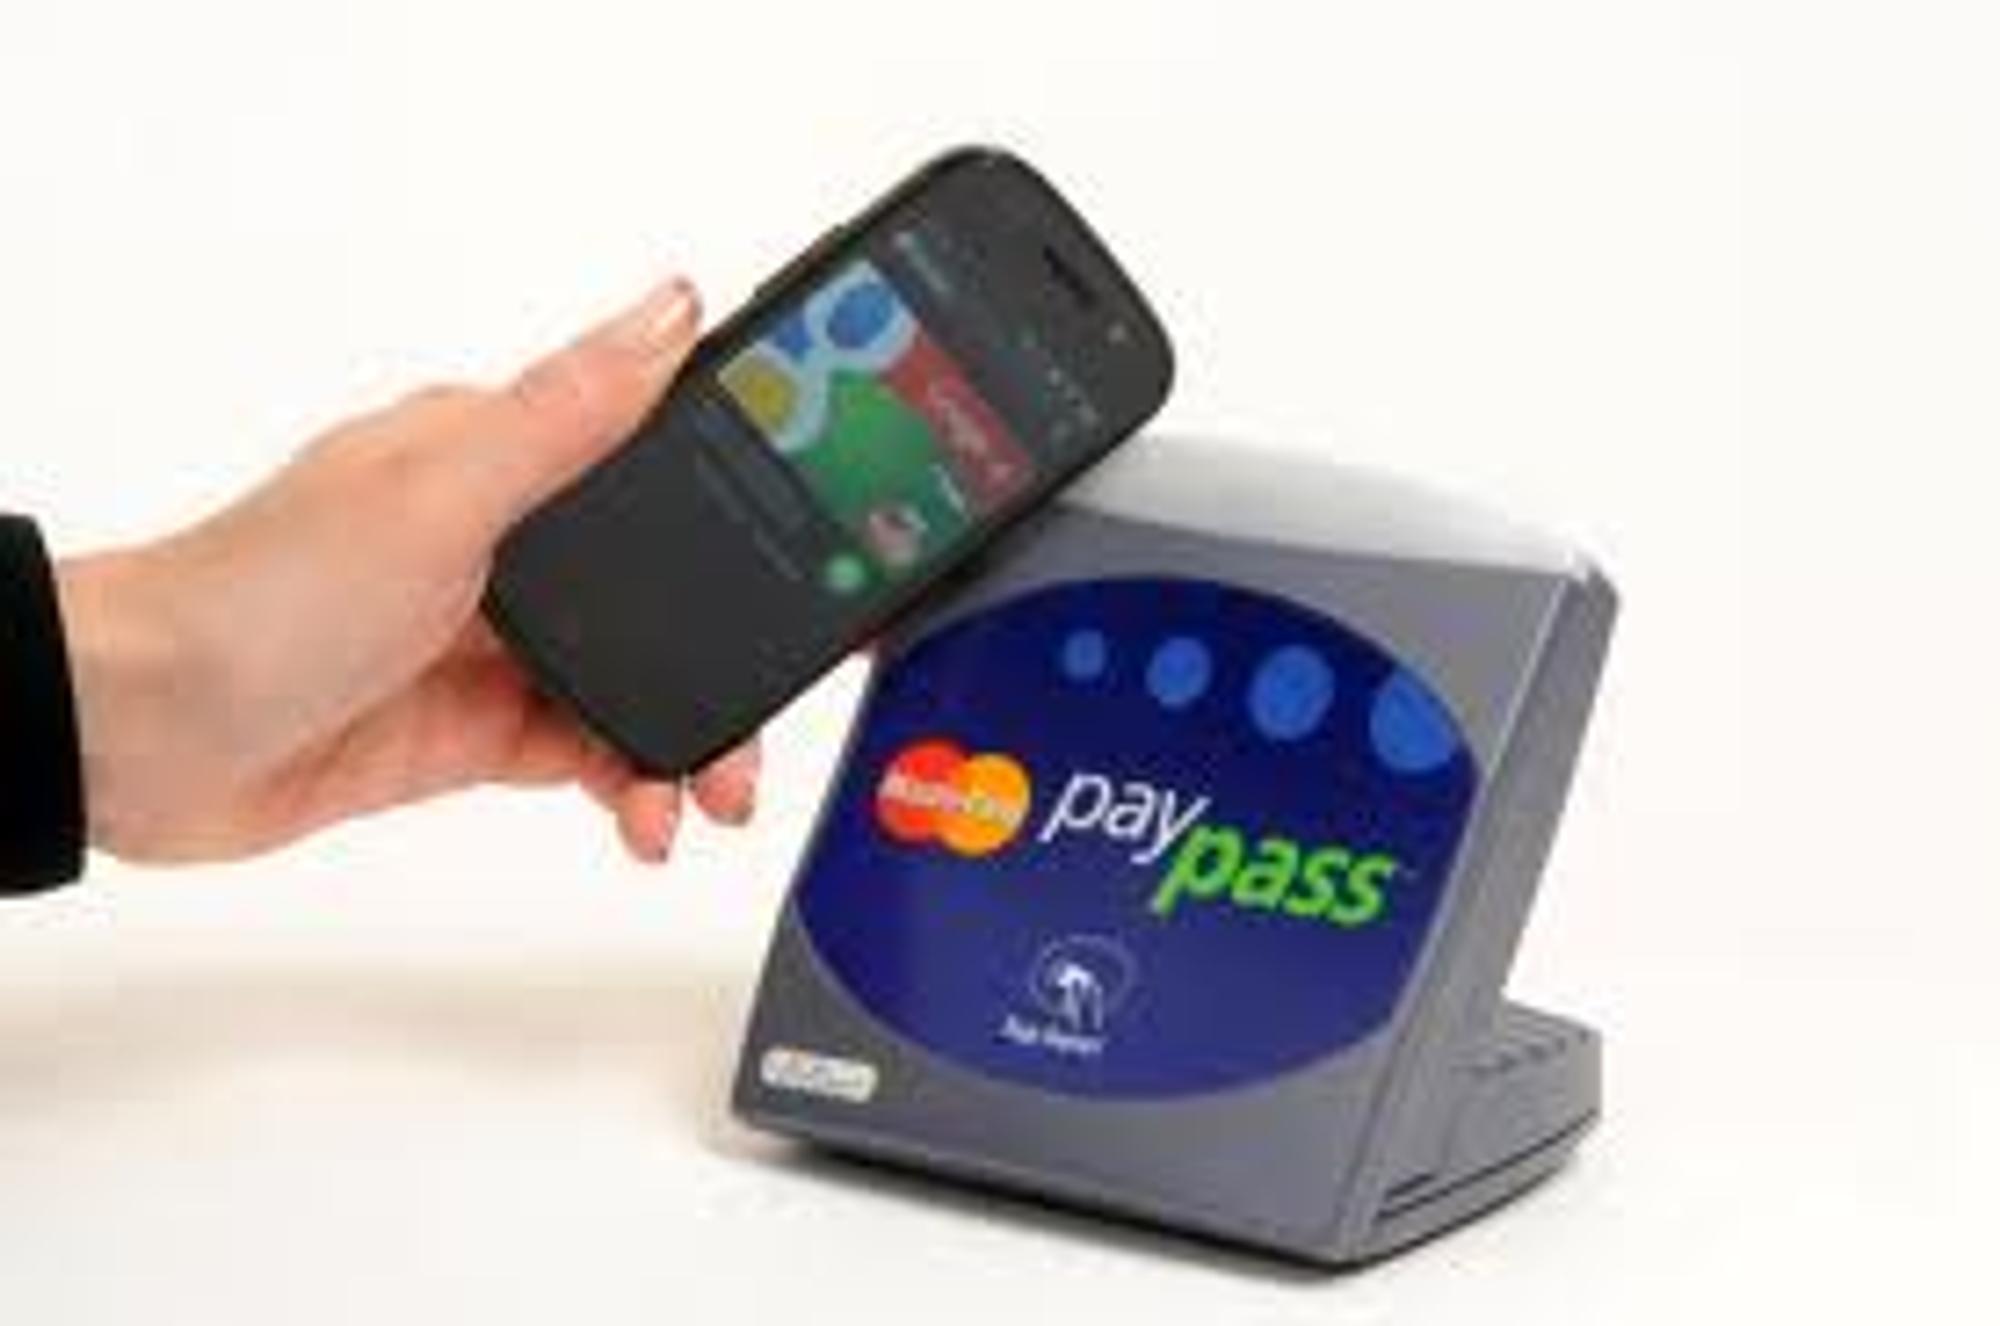 Google Wallet bruker NFC: Du laster ned en app og oppretter en konto med navn, passord og kredittkortnummer. Når du skal betale sveiper du mobilen over butikkens NFC-terminal. Betalingsdata overføres direkte fra NFC-terminalen til banken.